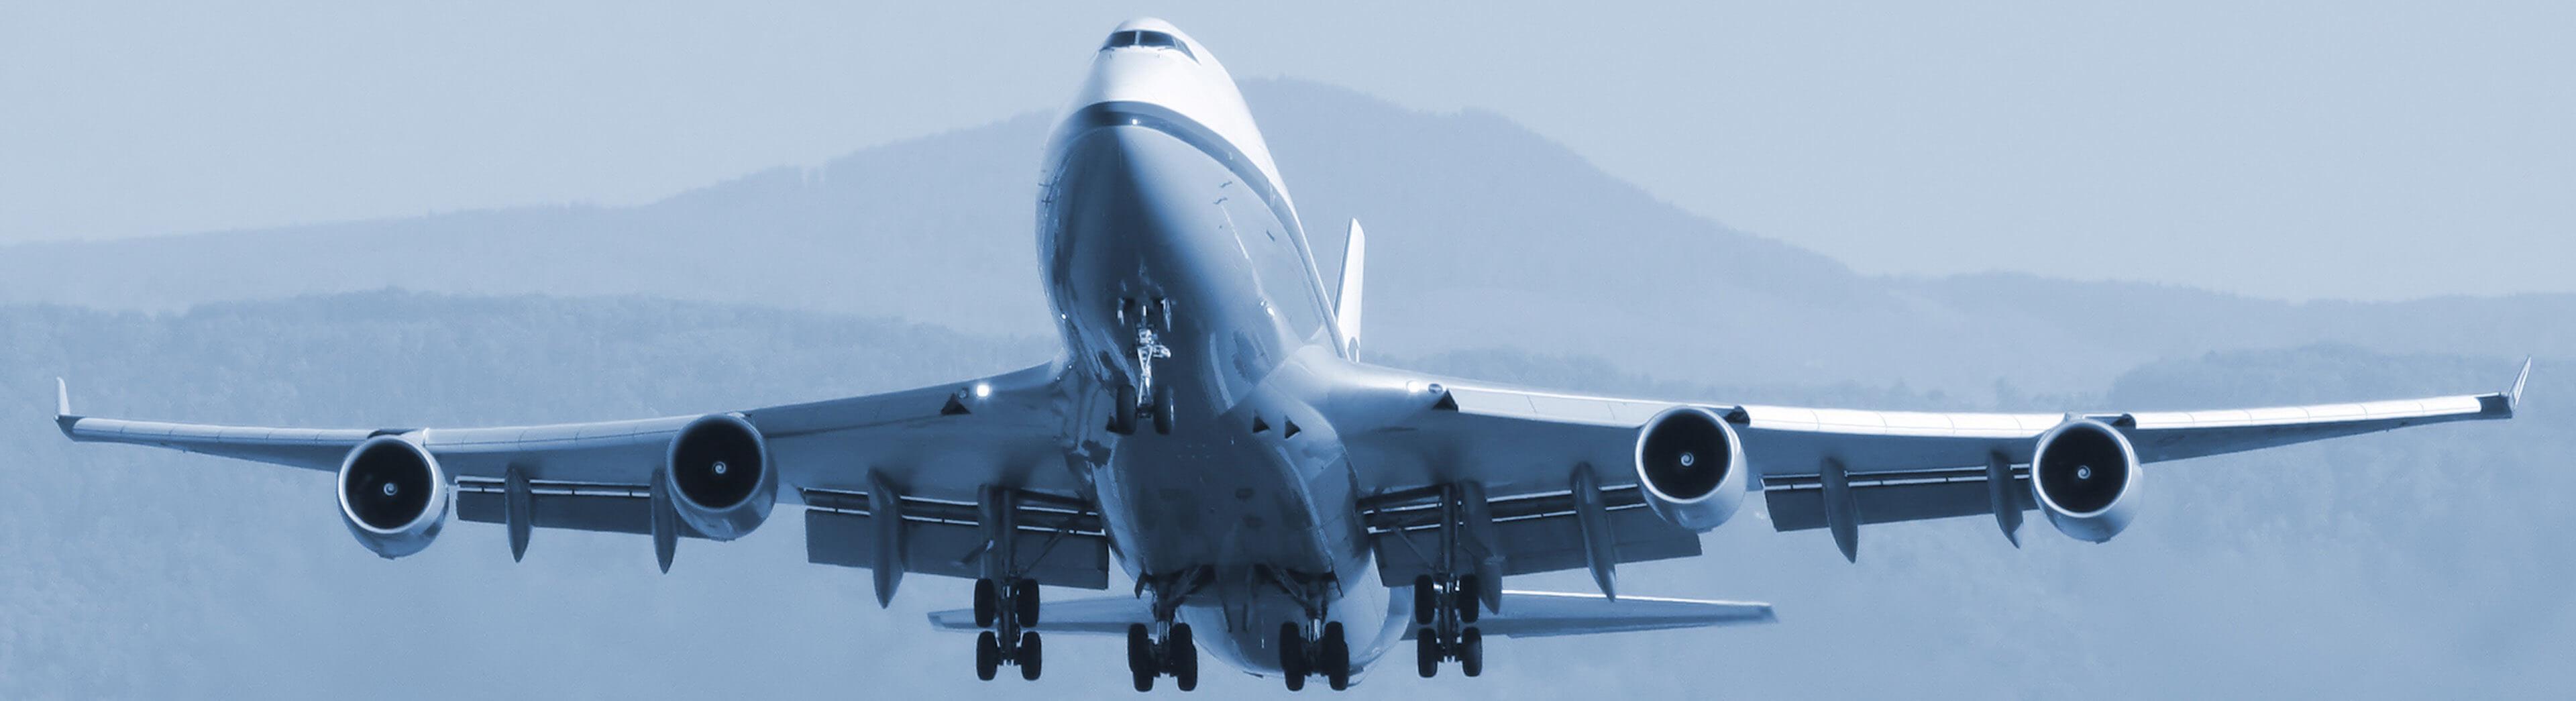 DSV's Air Charter-netværk udvider luftfragtskapaciteten med nye interkontinentale ruter